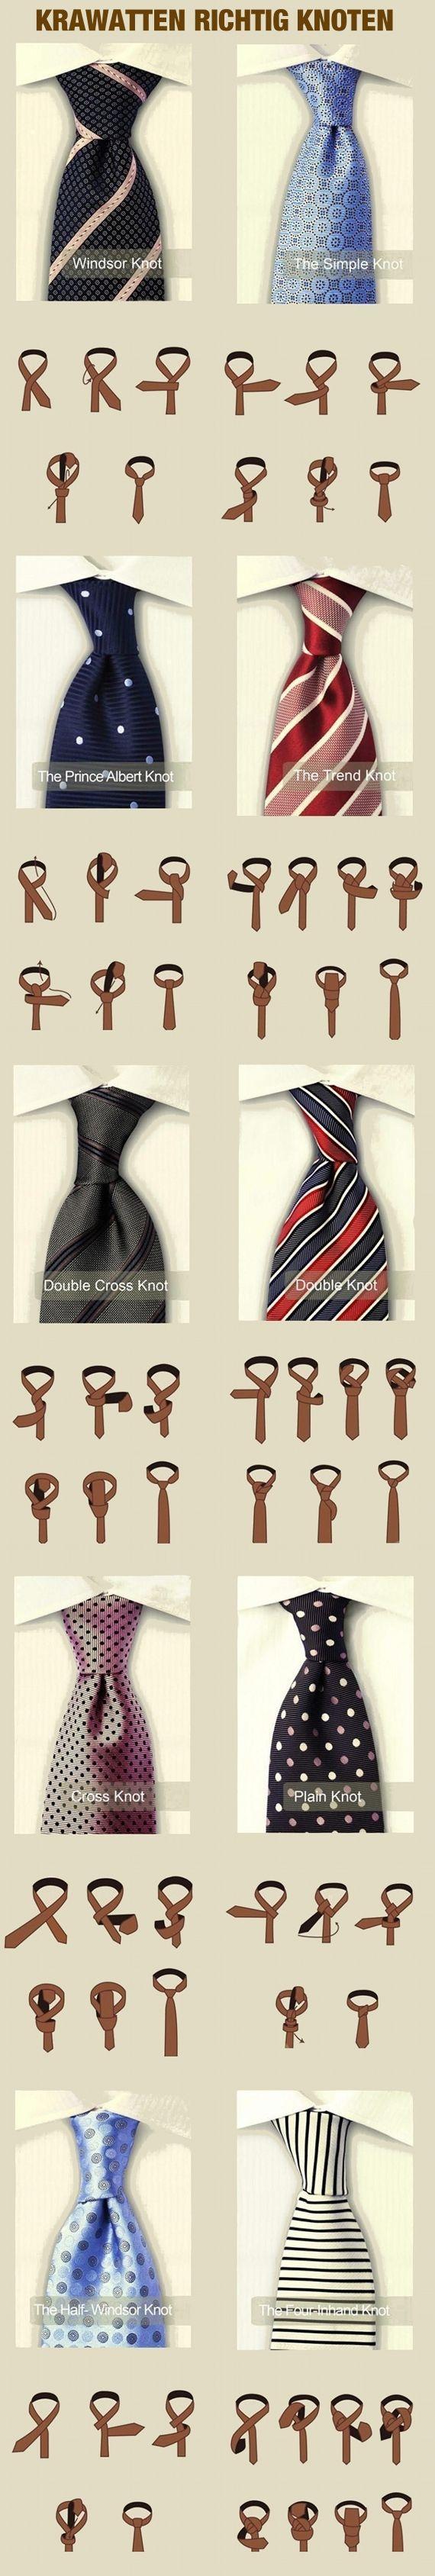 Während einer Veranstaltung das Outfit ändern? Einfach diese #Infografik zu #Krawattenknoten ausdrucken und hinten an die Krawatte kleben!